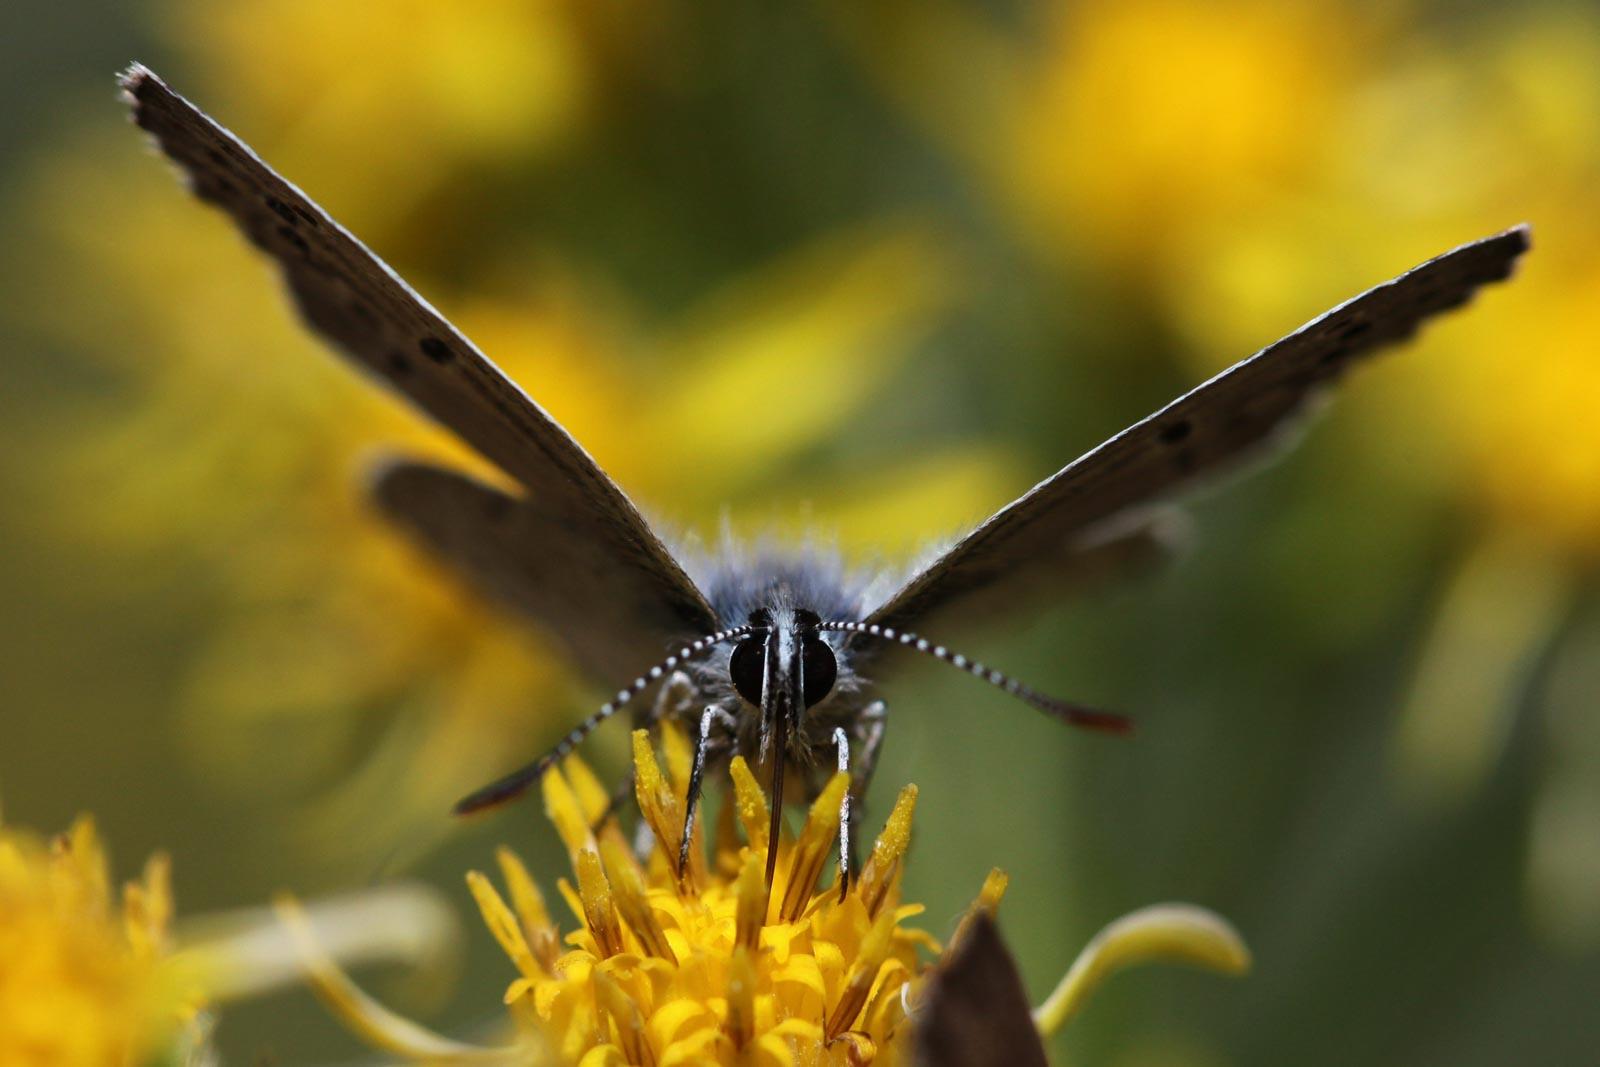 Vlinder op een stamper van een bloem